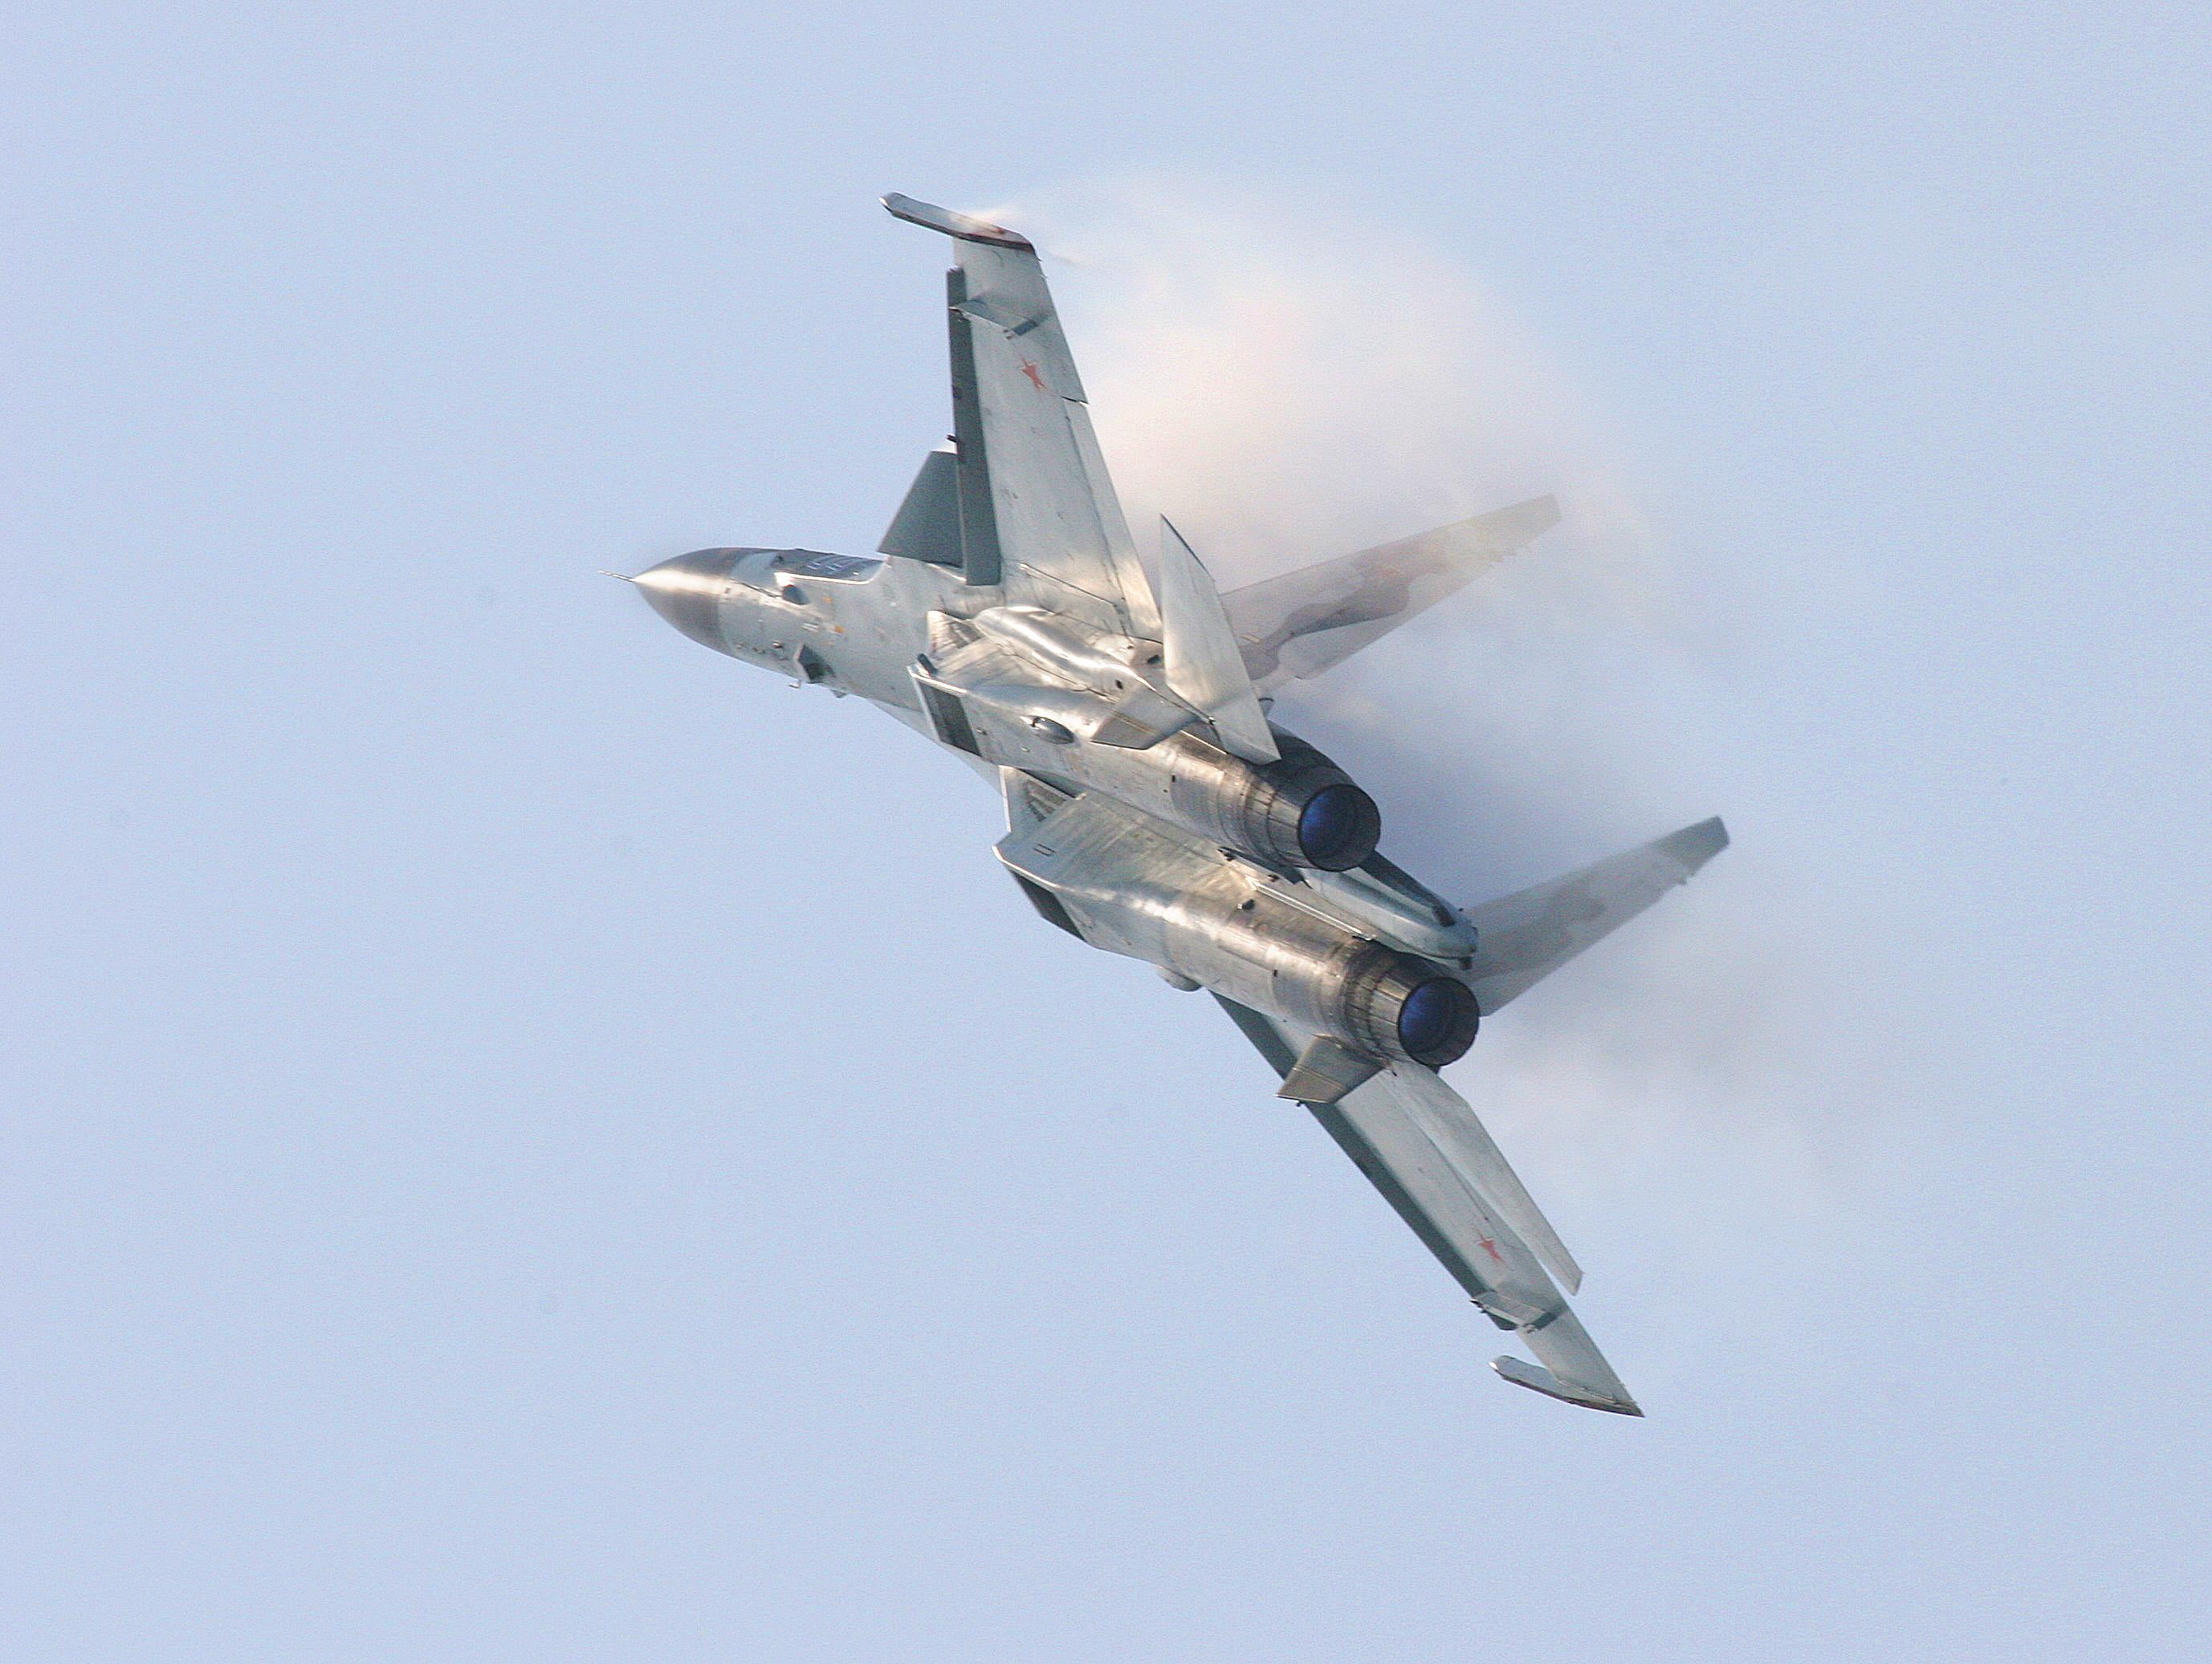 Разбившийся под Тверью Су-30 мог быть случайно сбит другим истребителем